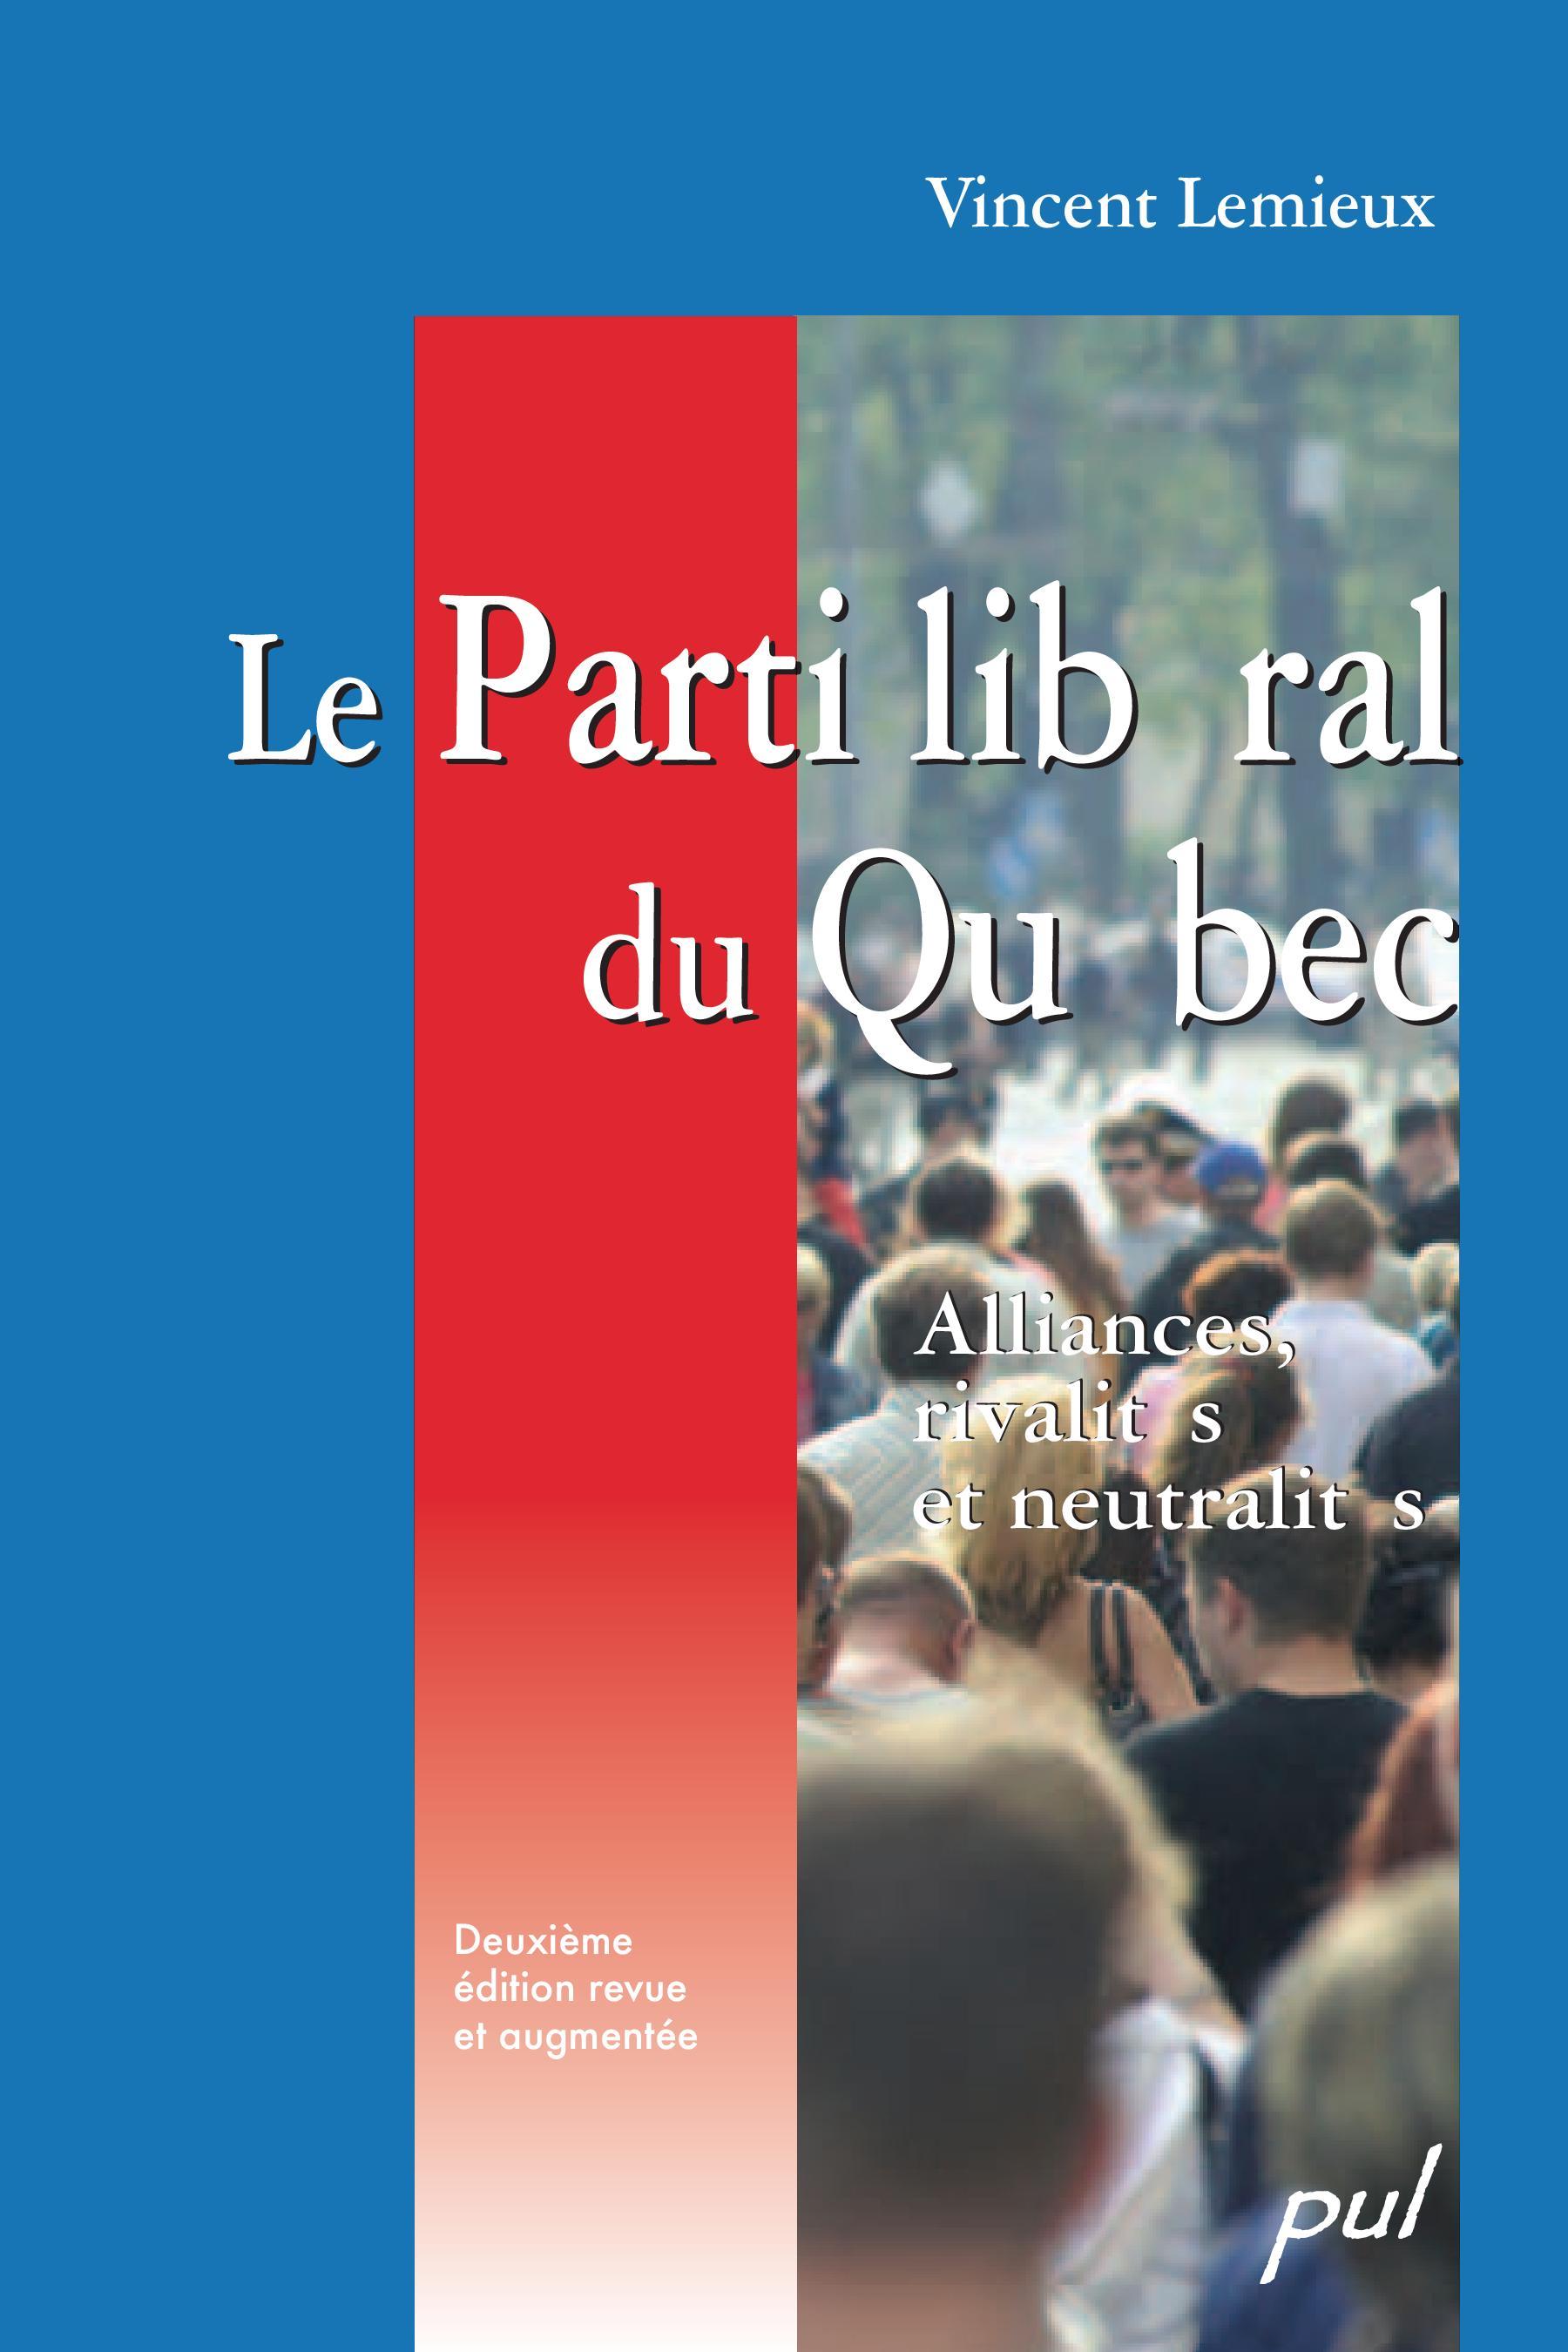 Le Parti libéral du Québec,...